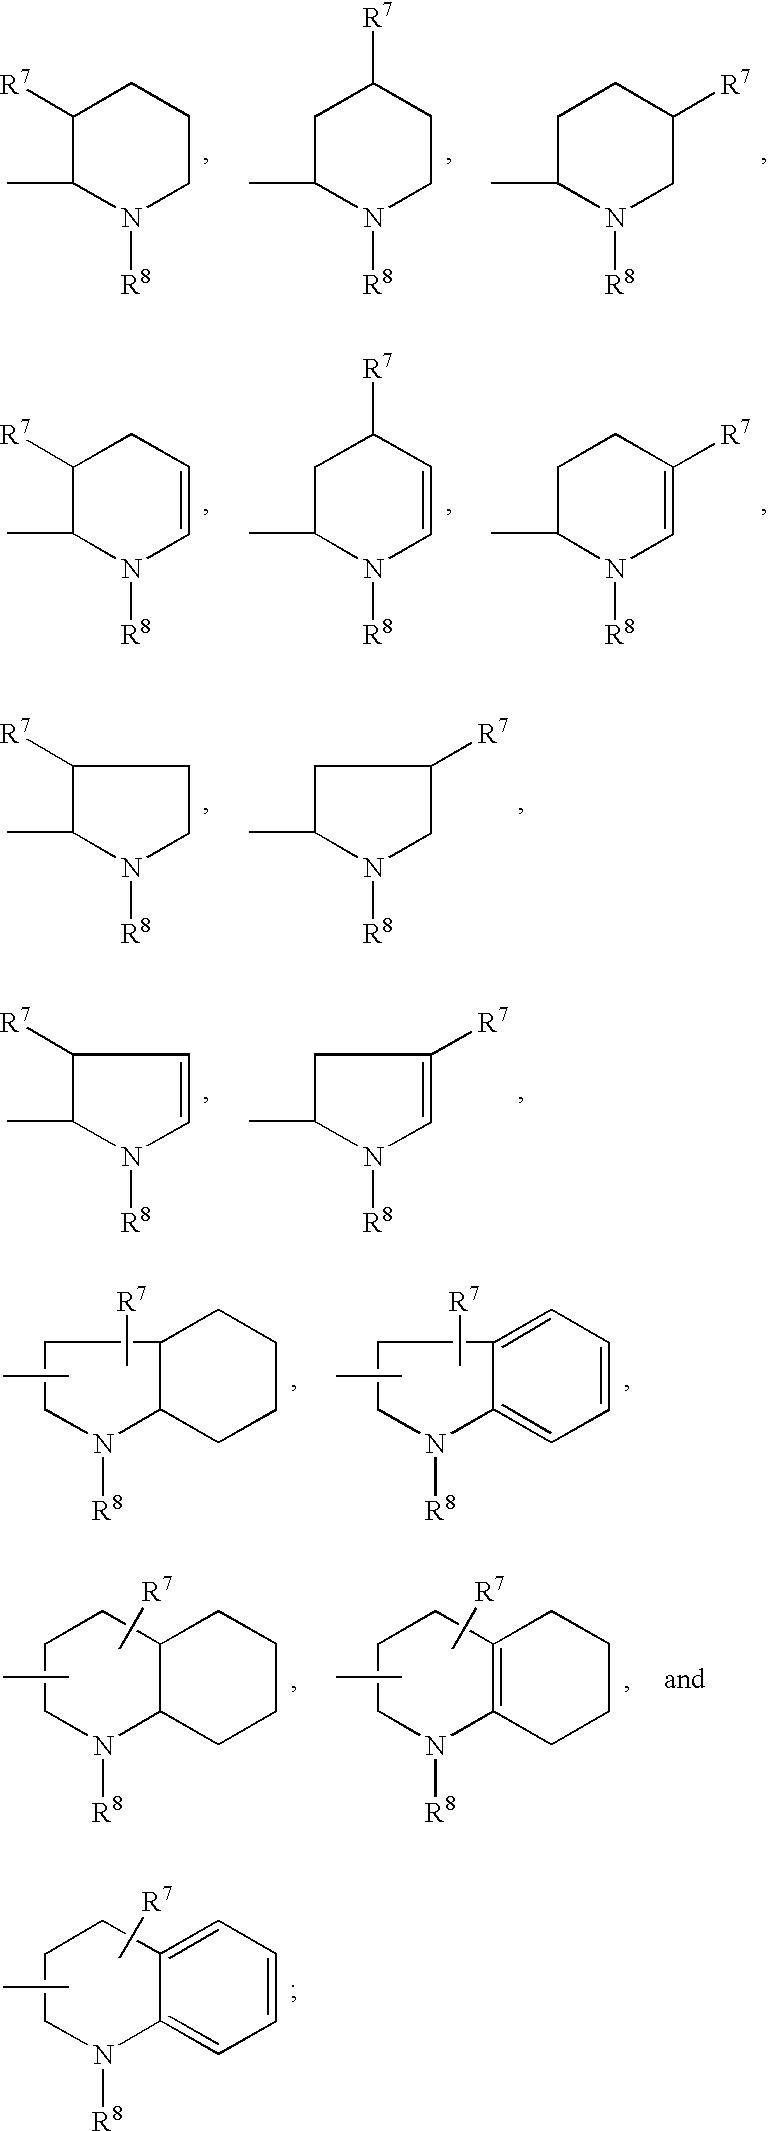 Figure US06593287-20030715-C00005